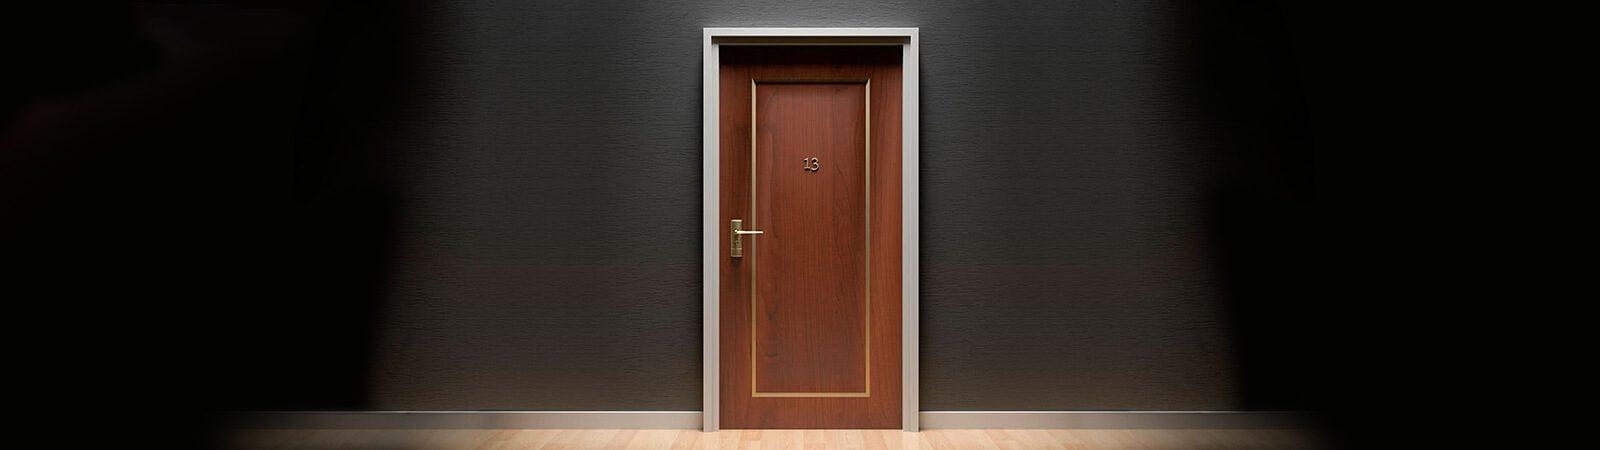 Основні способи утеплити металеві двері, вибір матеріалу